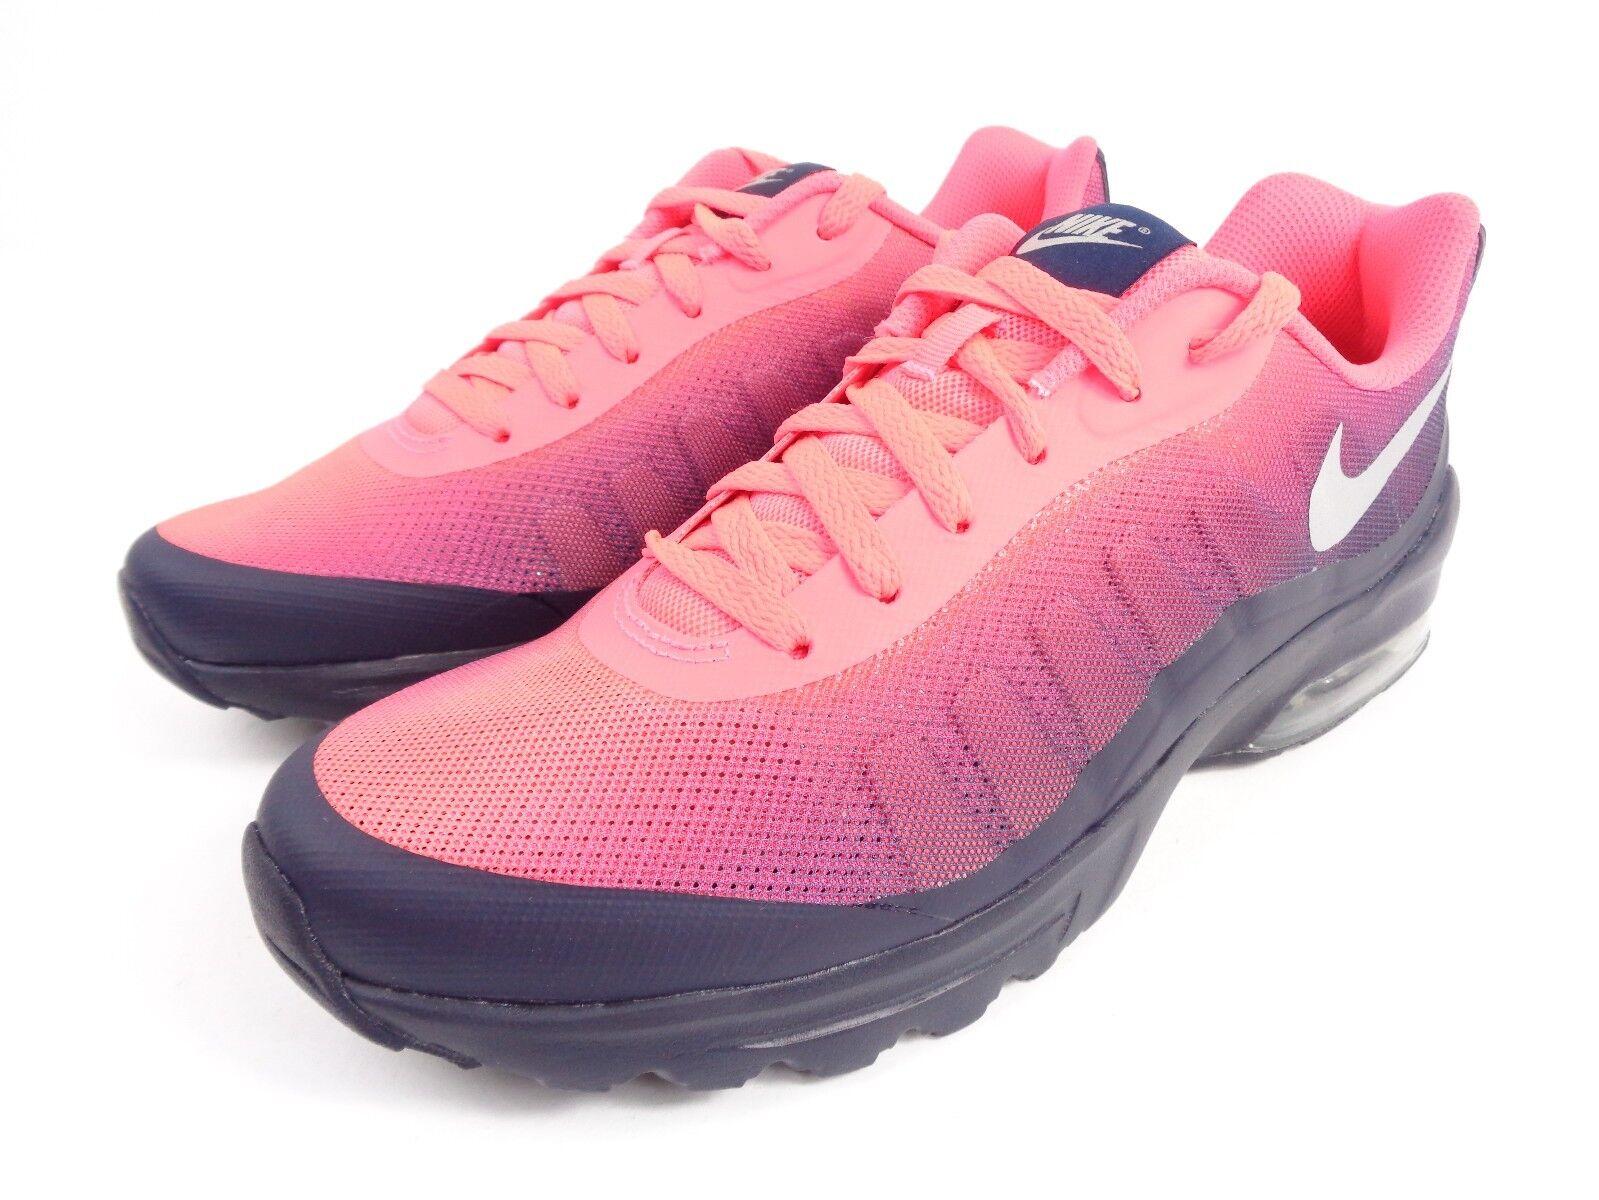 Nike air max invigor print schuhe - mens sz 10 schuhe print solar ROT 749688 602 82a139